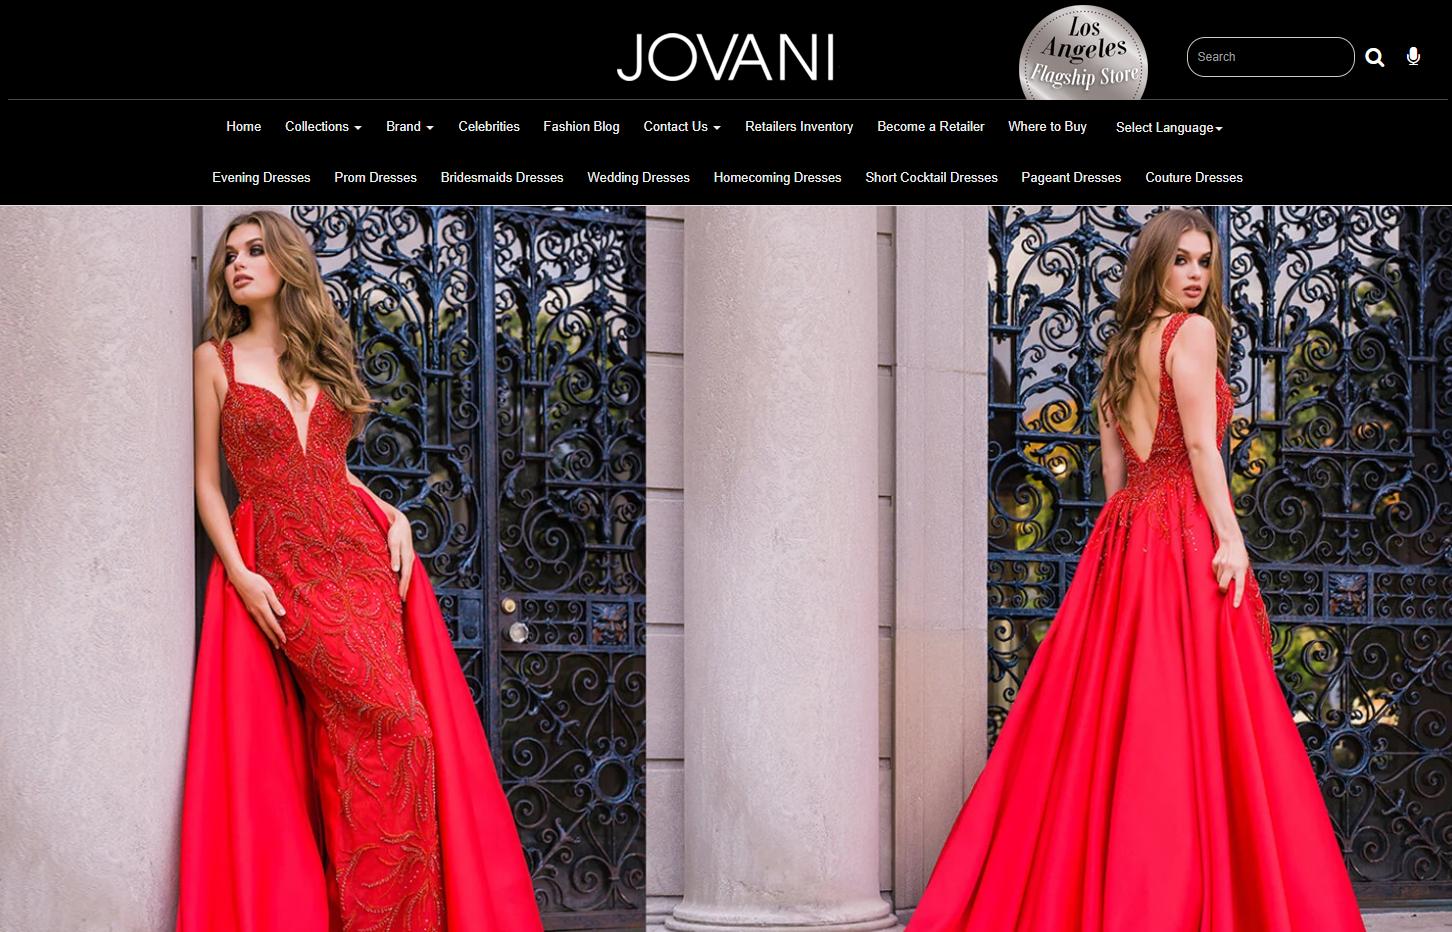 Jovani Homepage